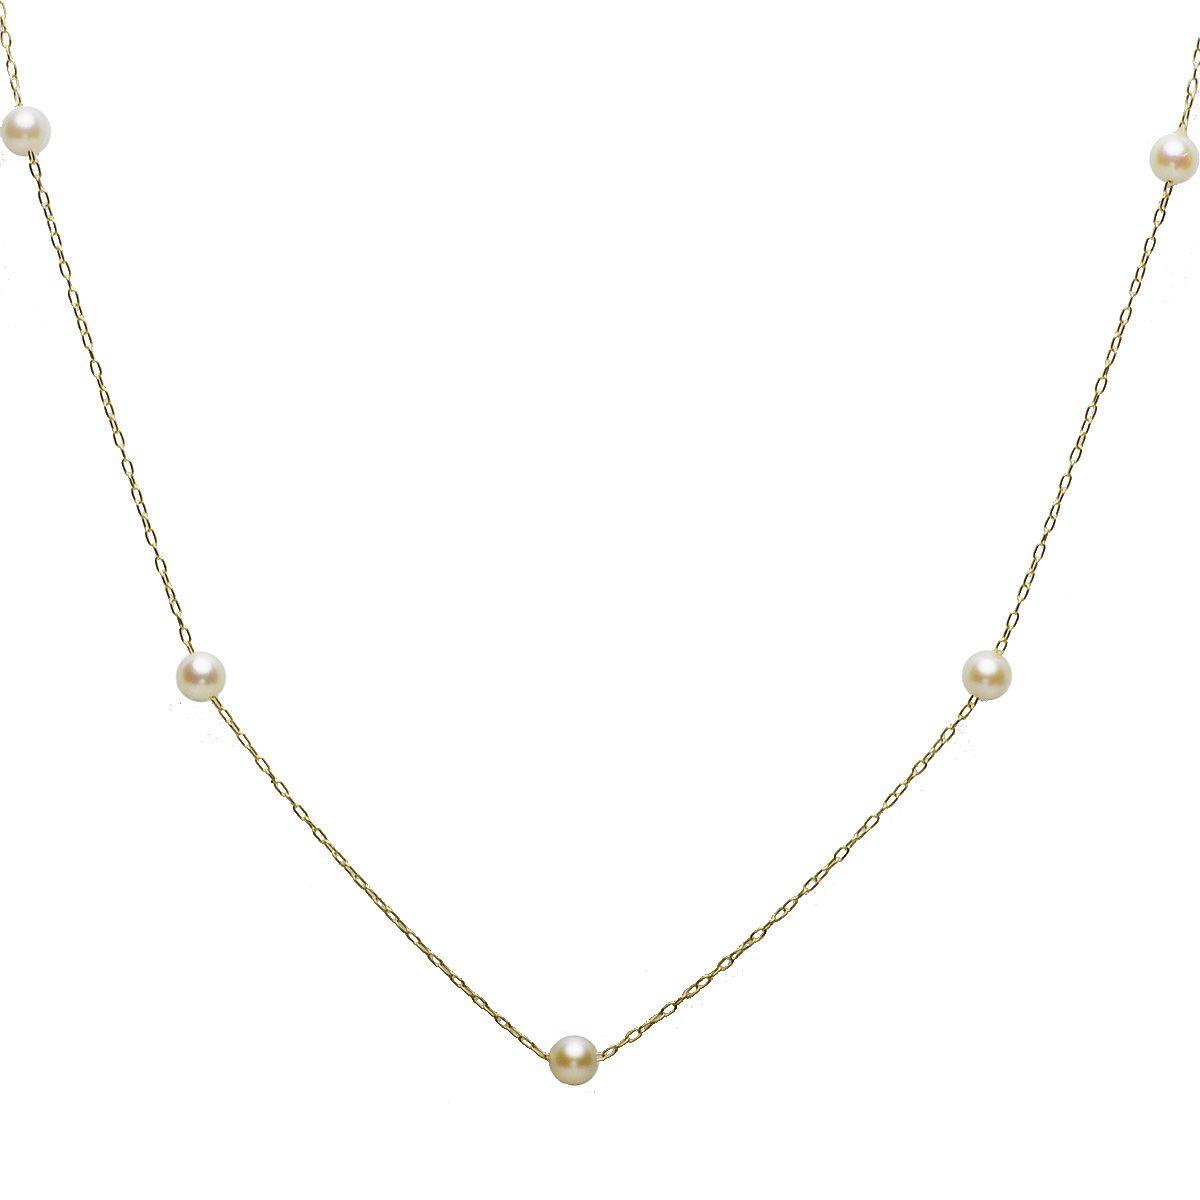 アコヤ 真珠 パール ステーション ネックレス 約4.0-4.5mm x 7 ゴールド K18 真珠 パール ギフト プレゼントの写真